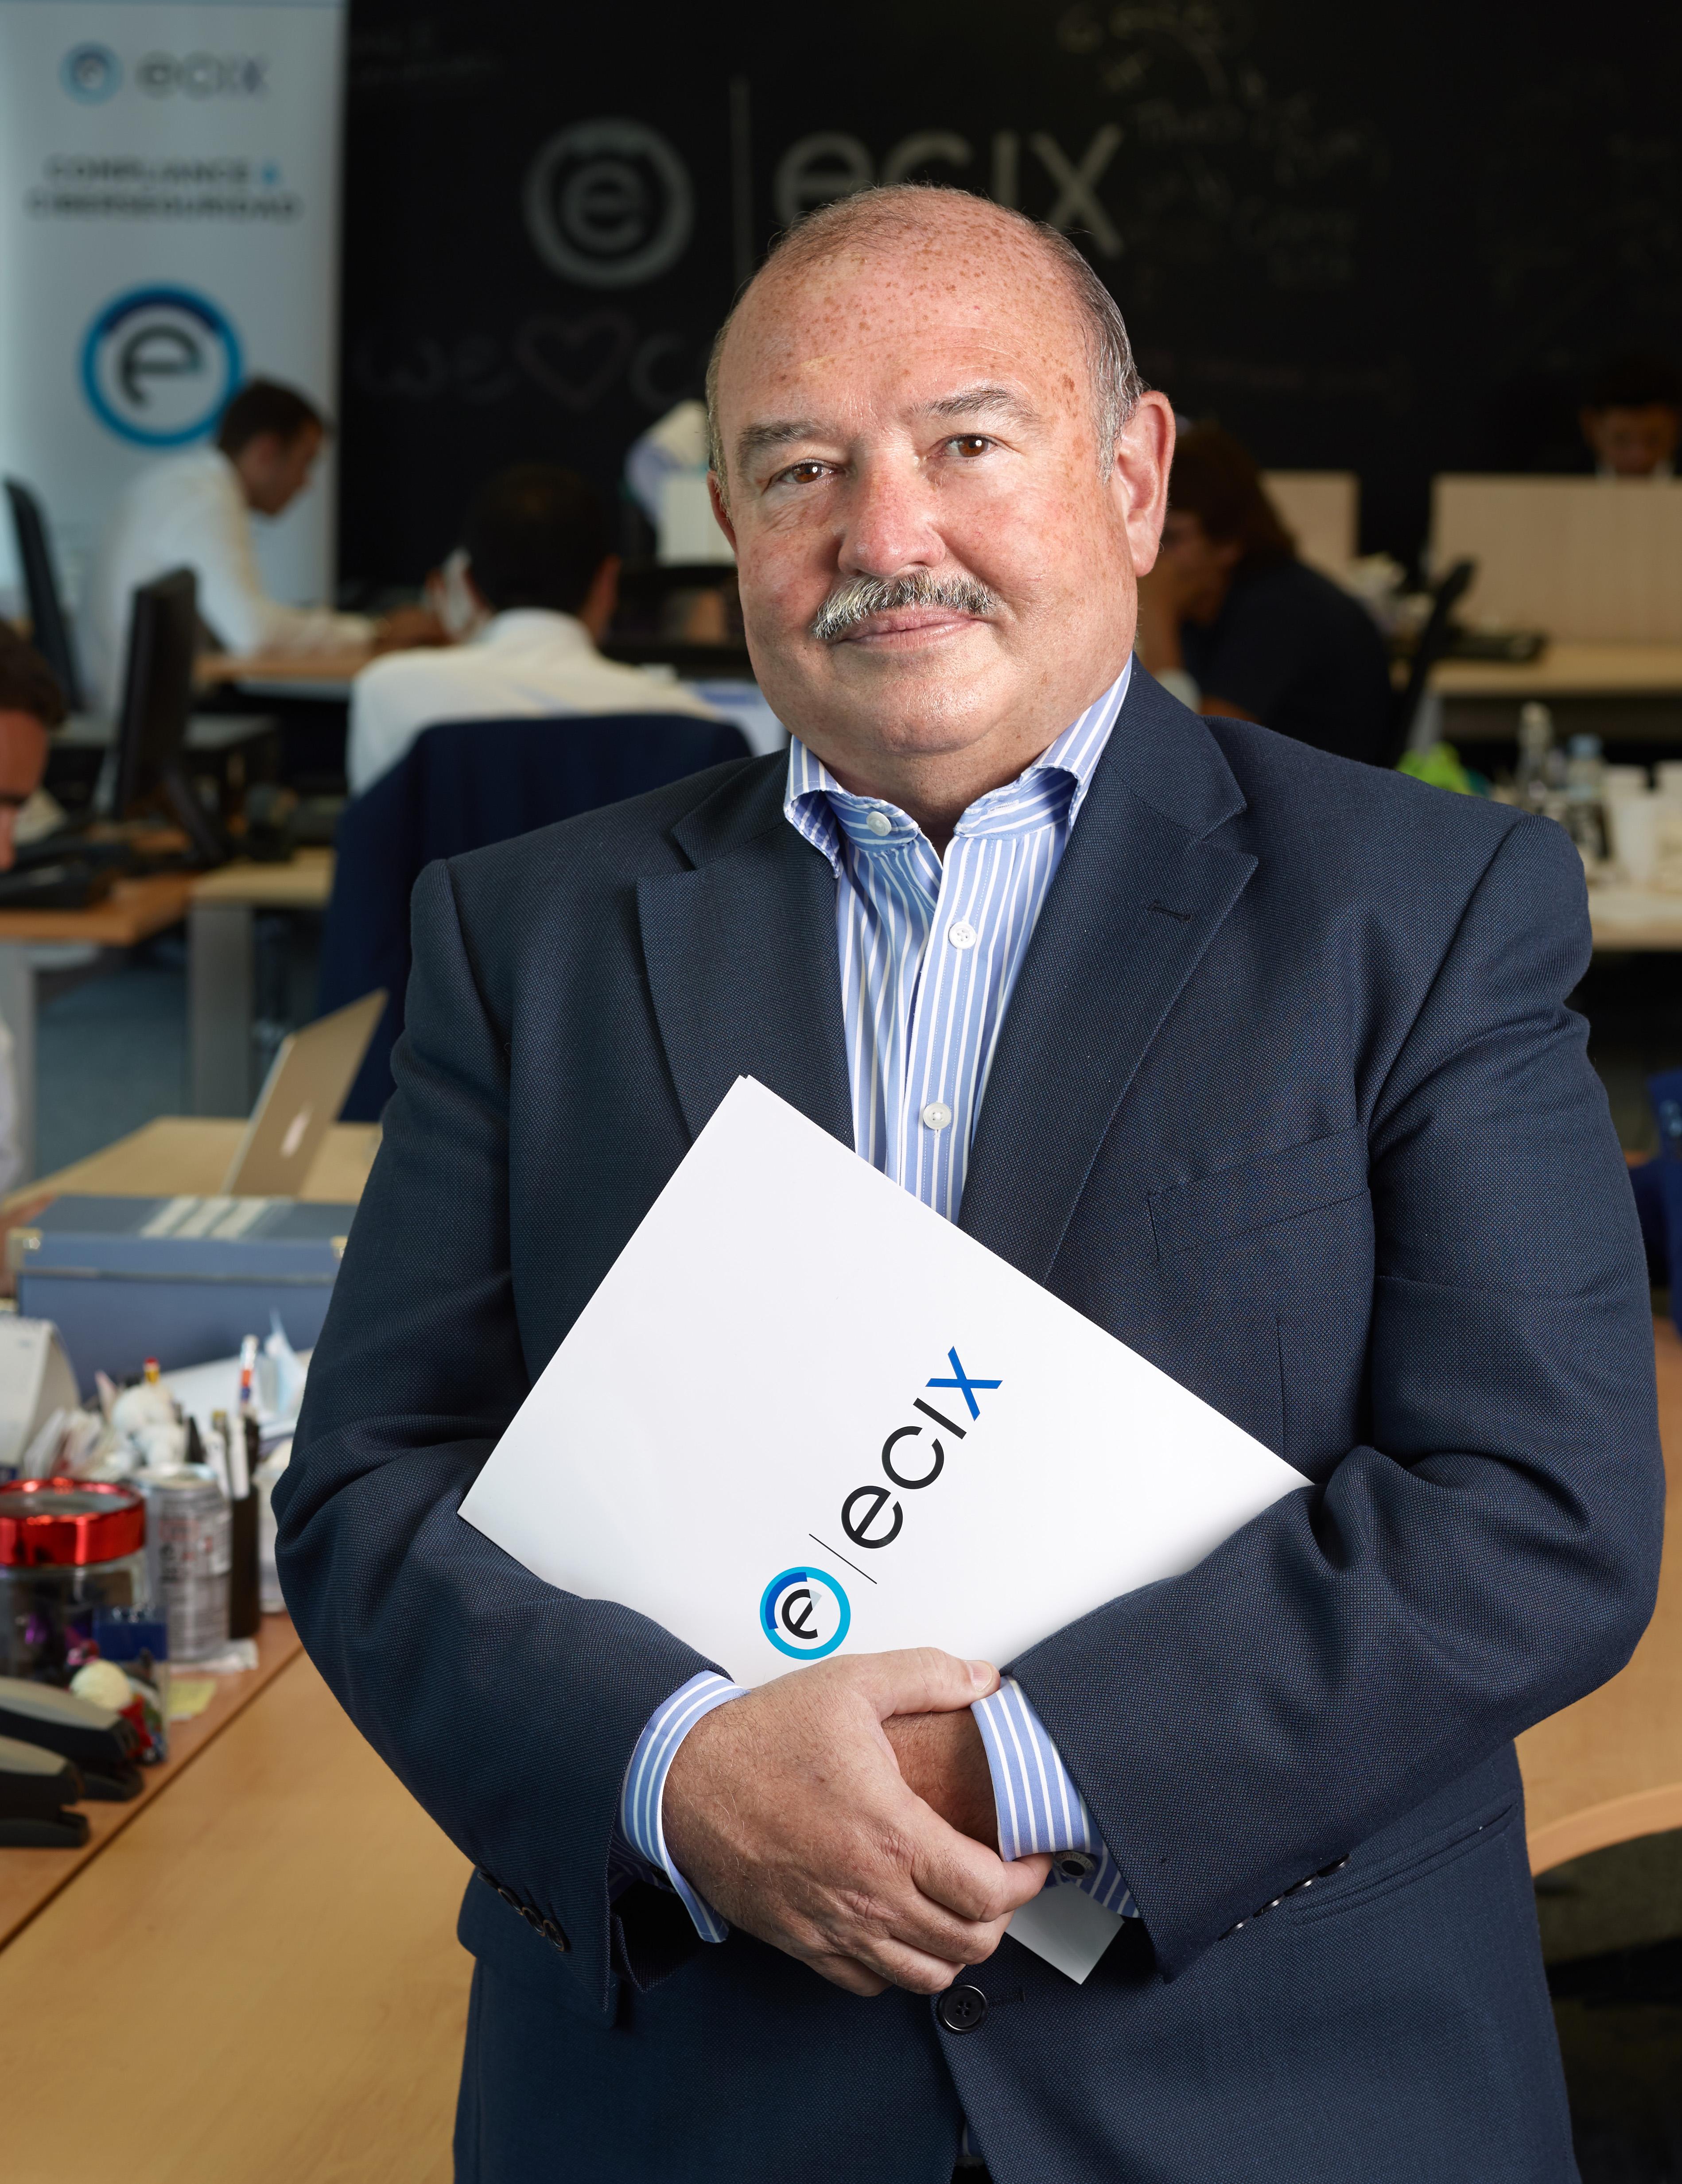 Un despacho español asesora en la creación legislativa en Centroamérica